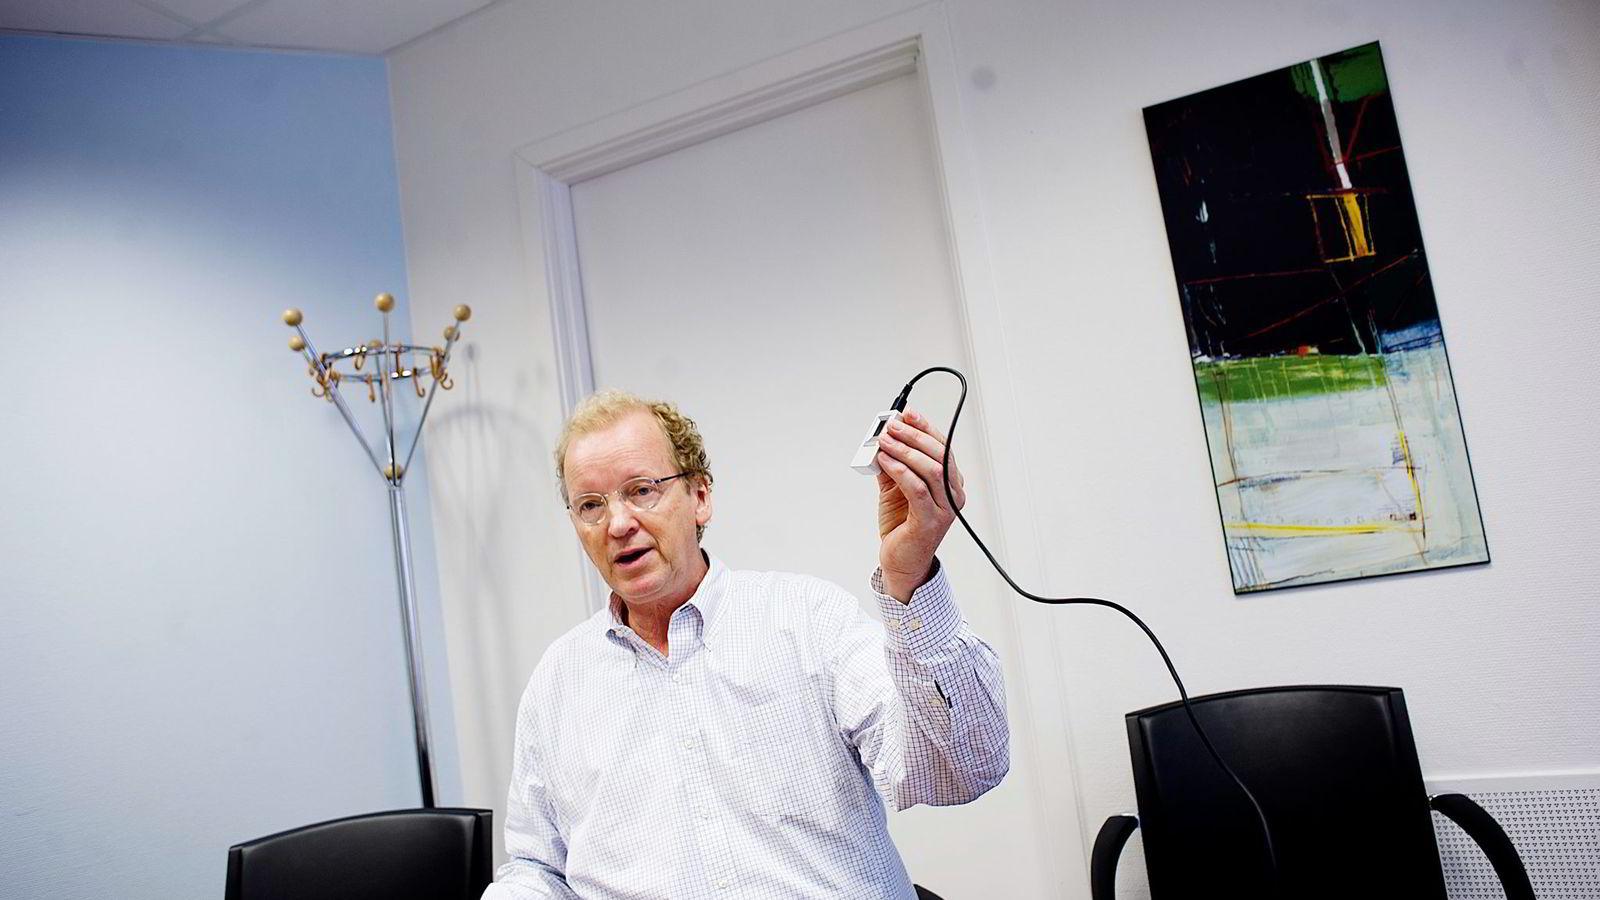 - Vi tenker ikke så mye på kursen i det daglige men har god tro på at dette skal gå veldig bra i tiden fremover, sier Tore Etholm-Idsøe, administrerende direktør i Next Biometrics.